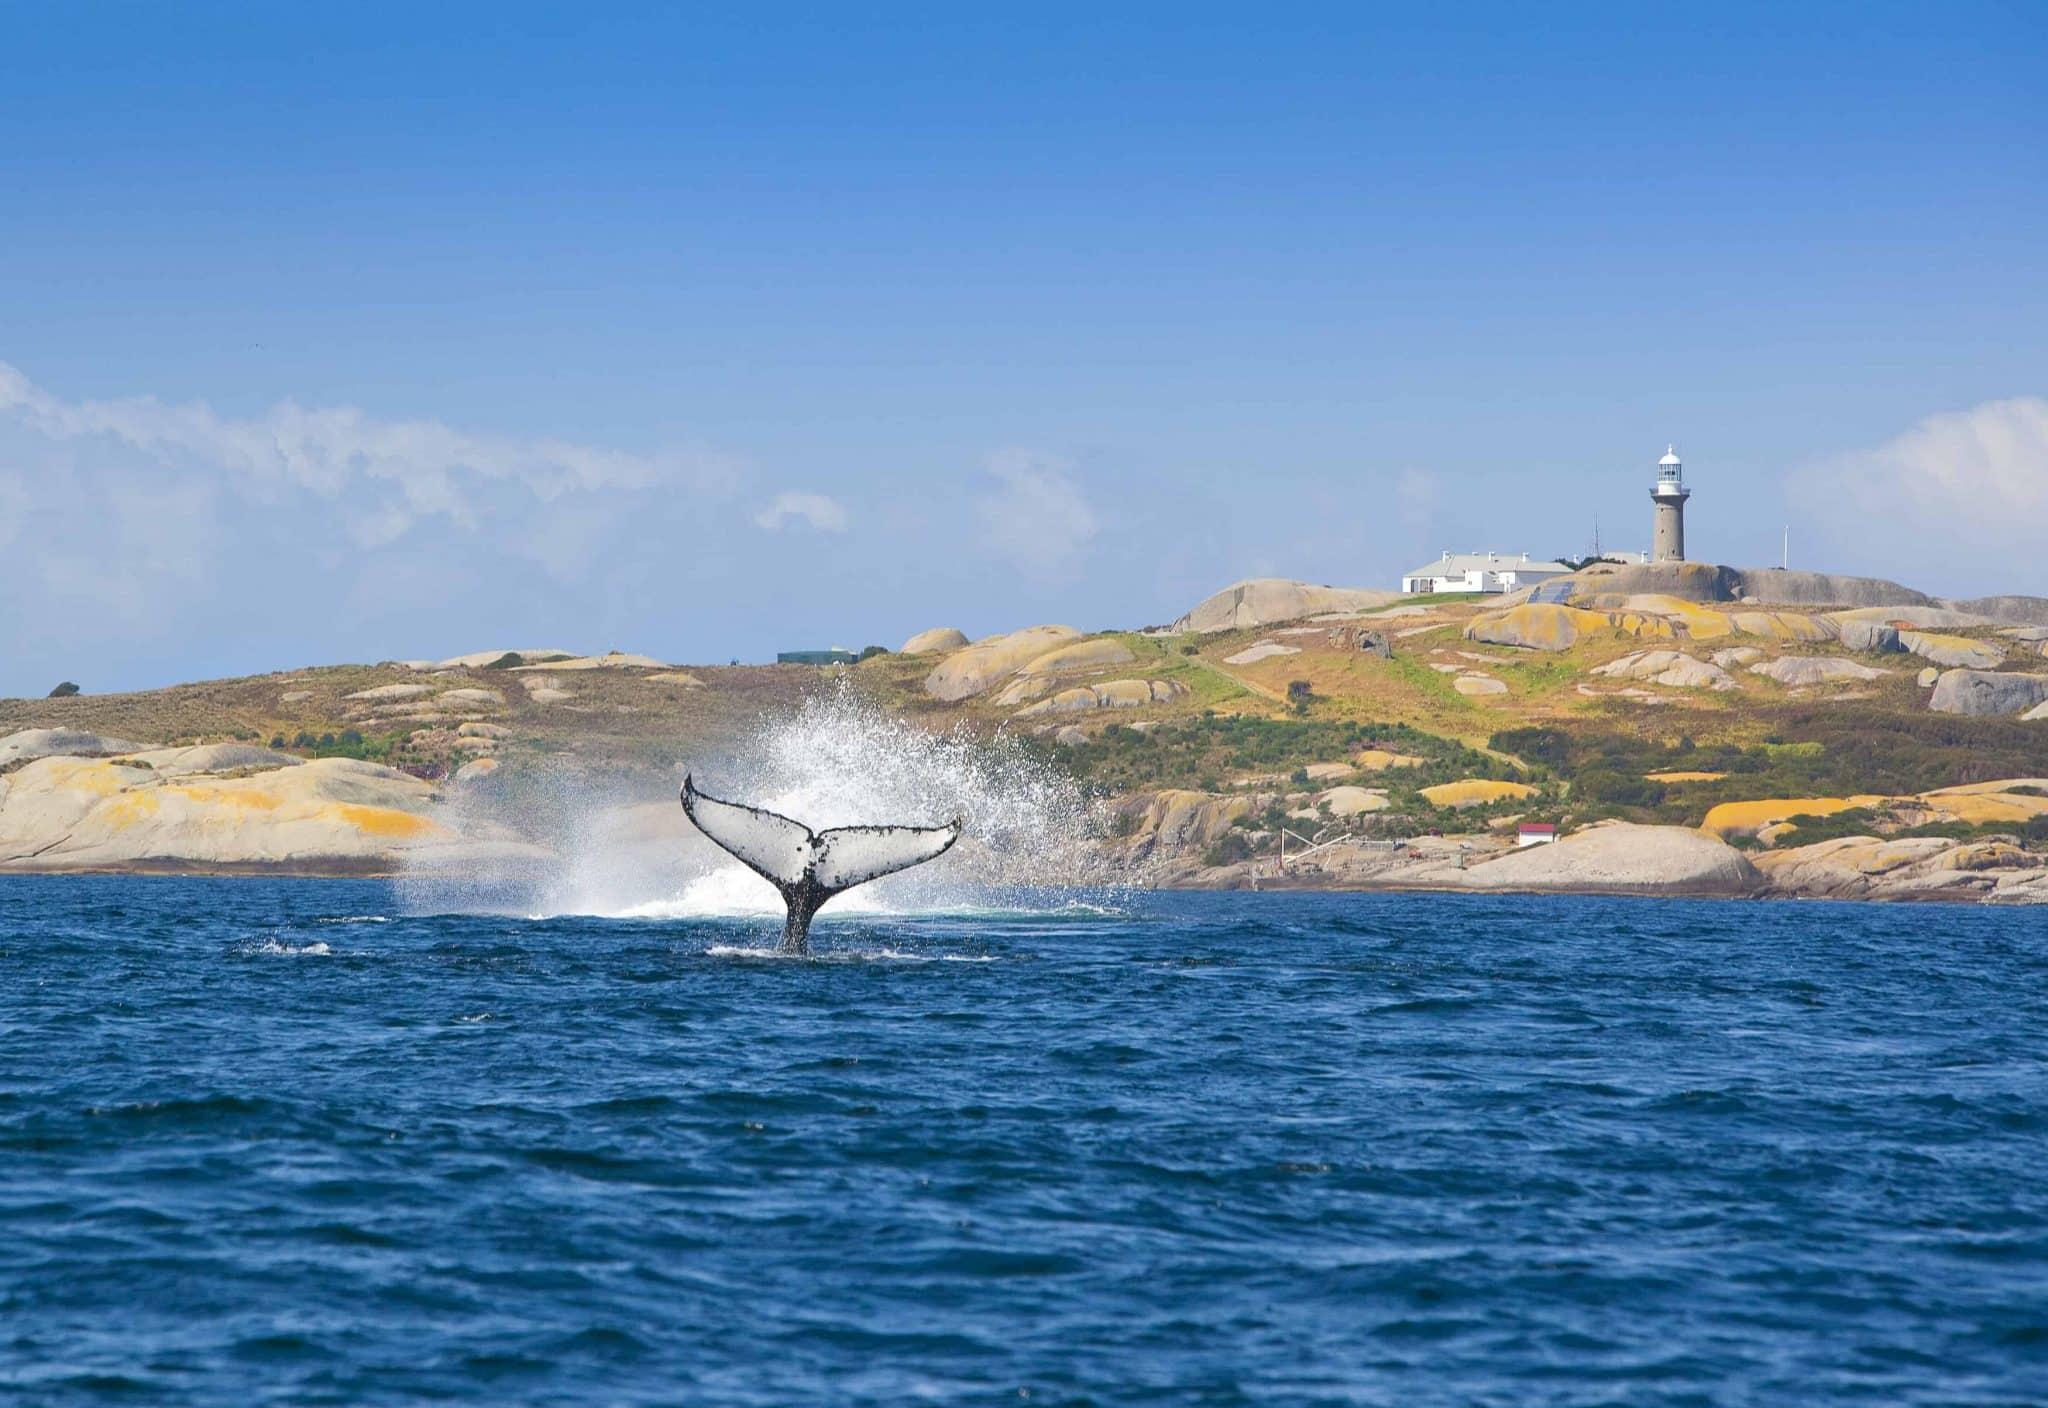 Săn cá voi tại NSW vào mùa đông